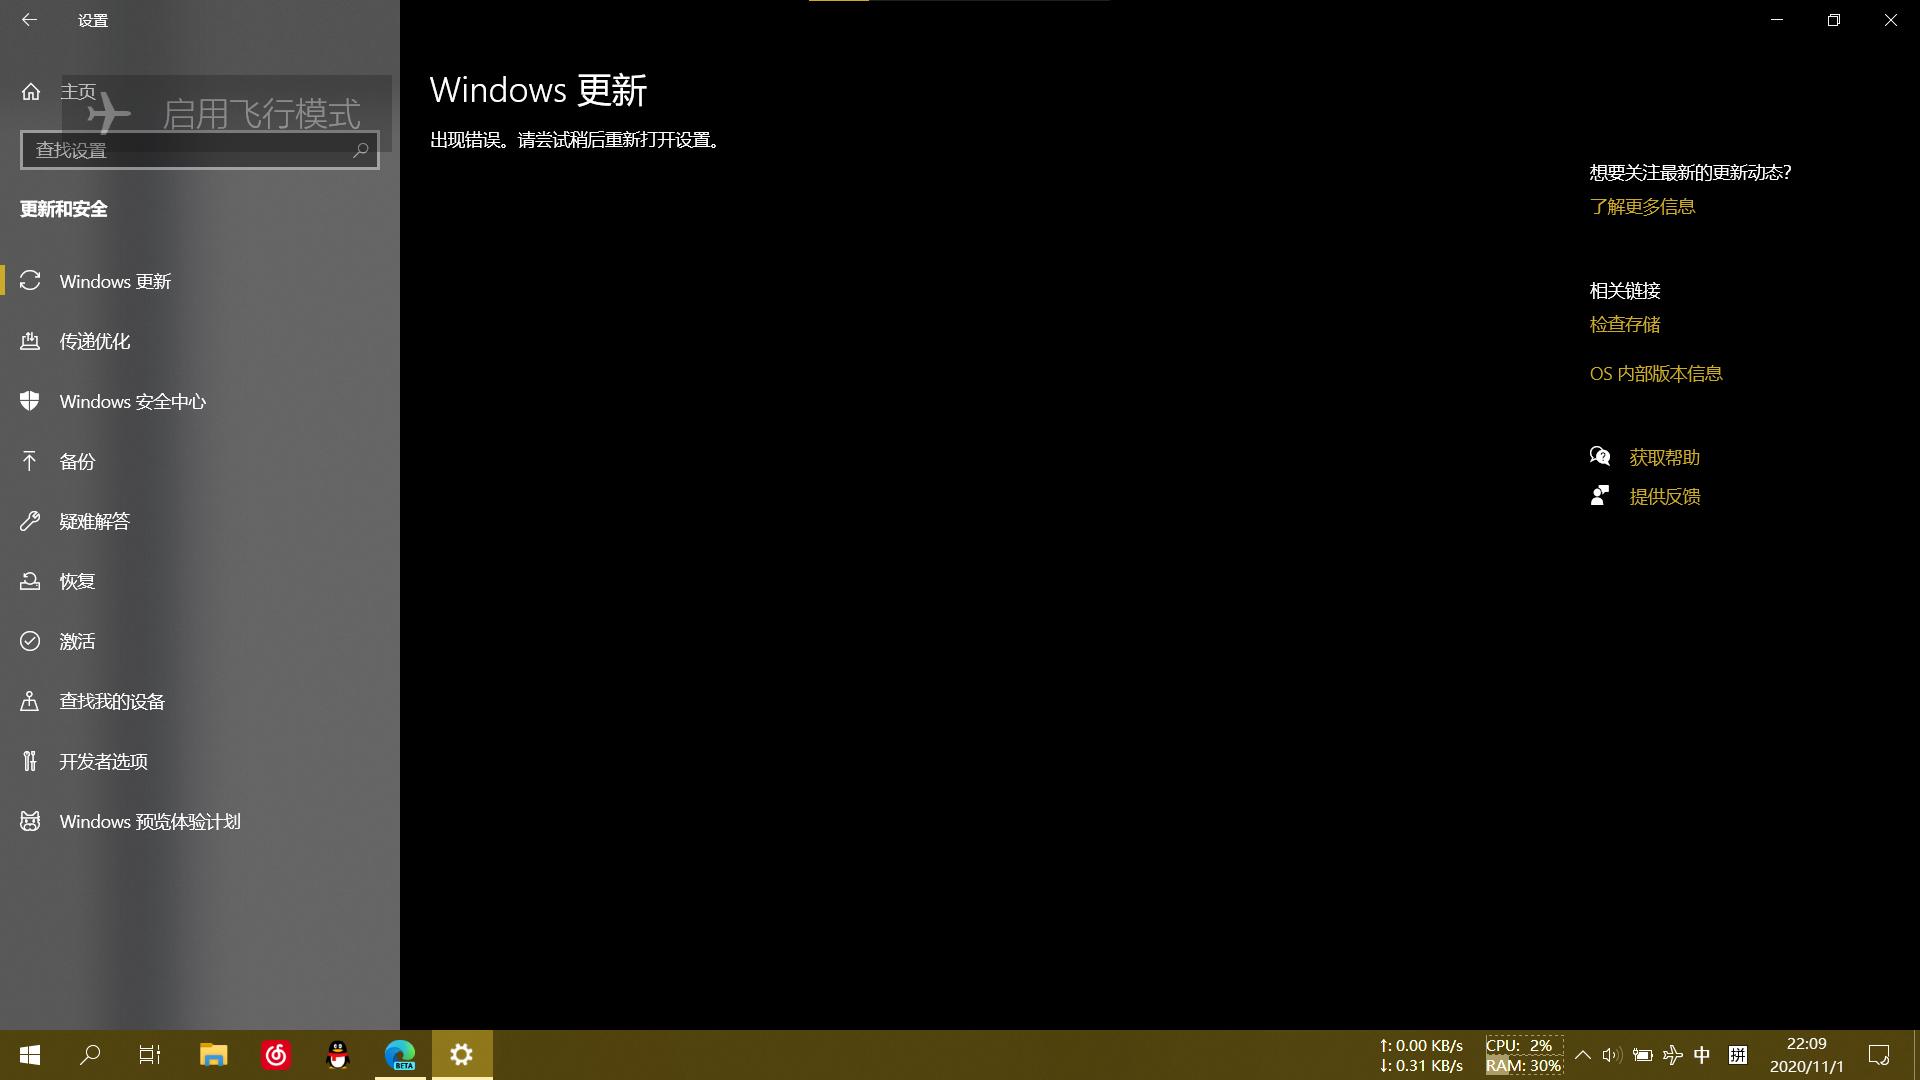 windows20H2中系统更新后,Windows更新出现错误